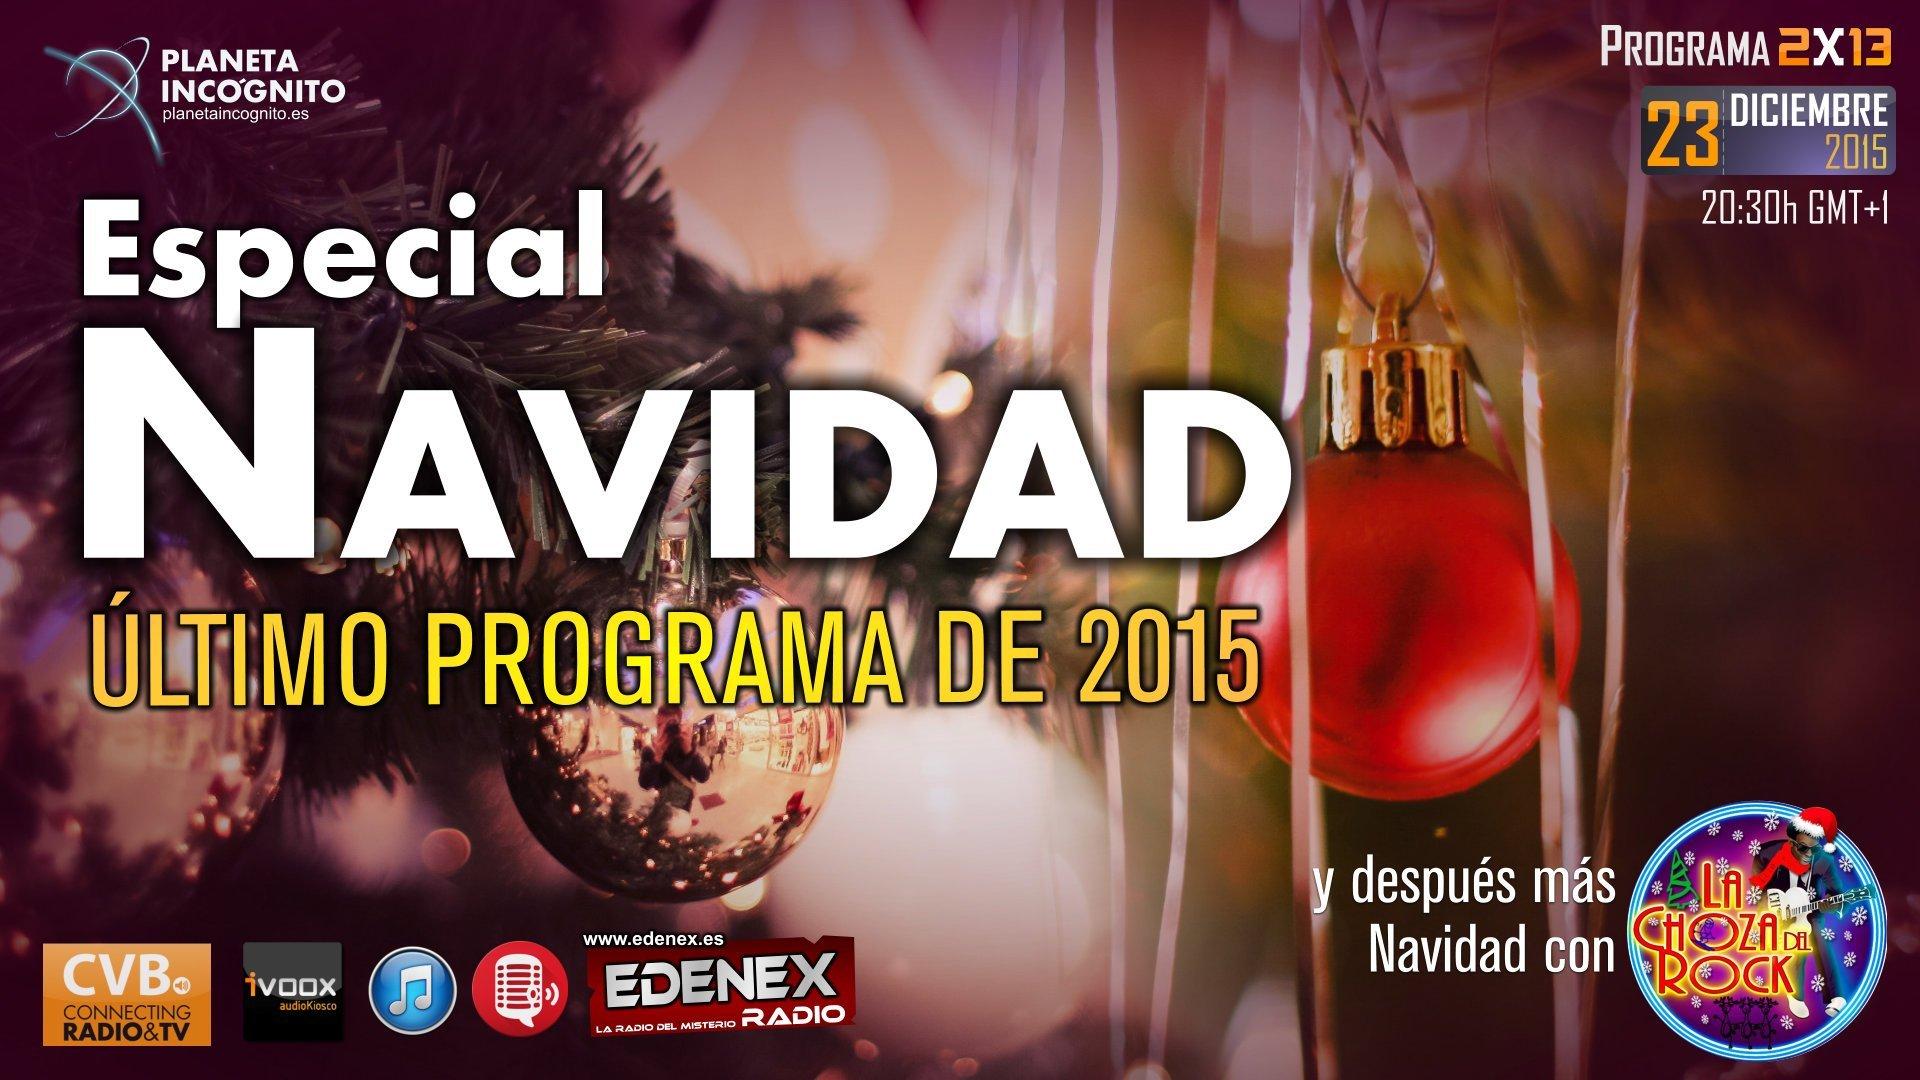 Programa 2x13 ESPECIAL NAVIDAD, curiosidades y tradiciones 3